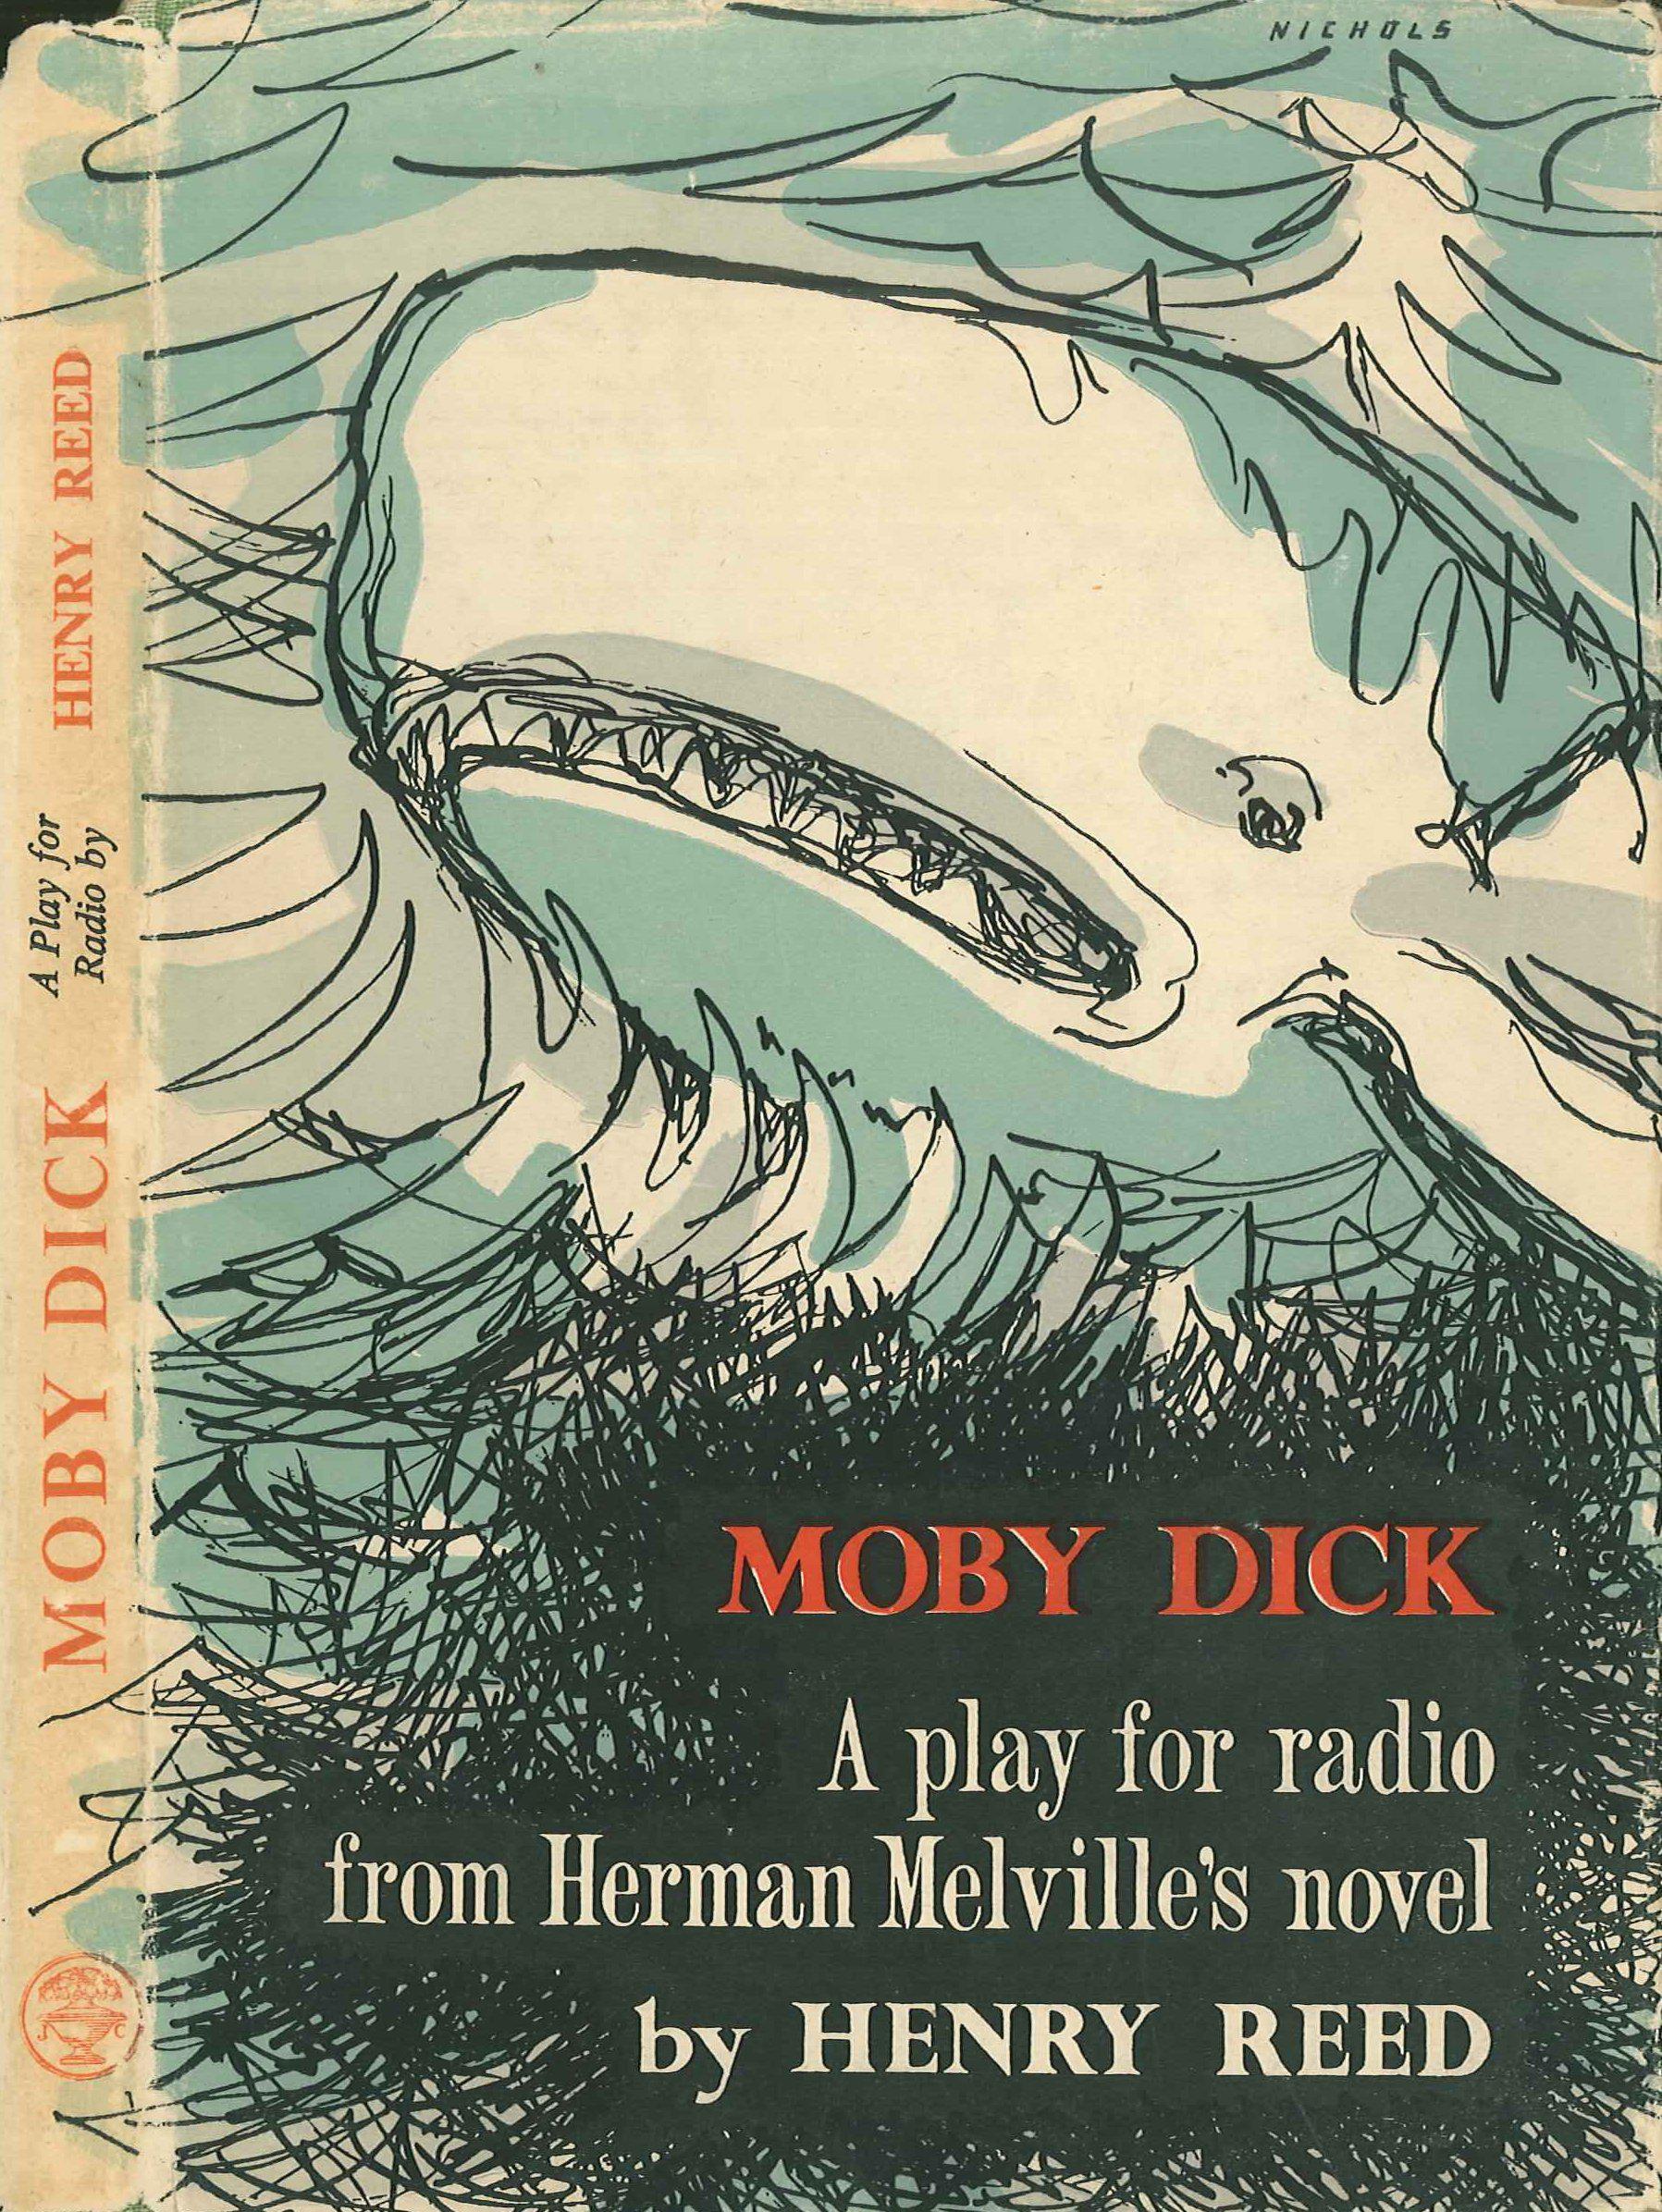 model-moby-dick-starbucks-shower